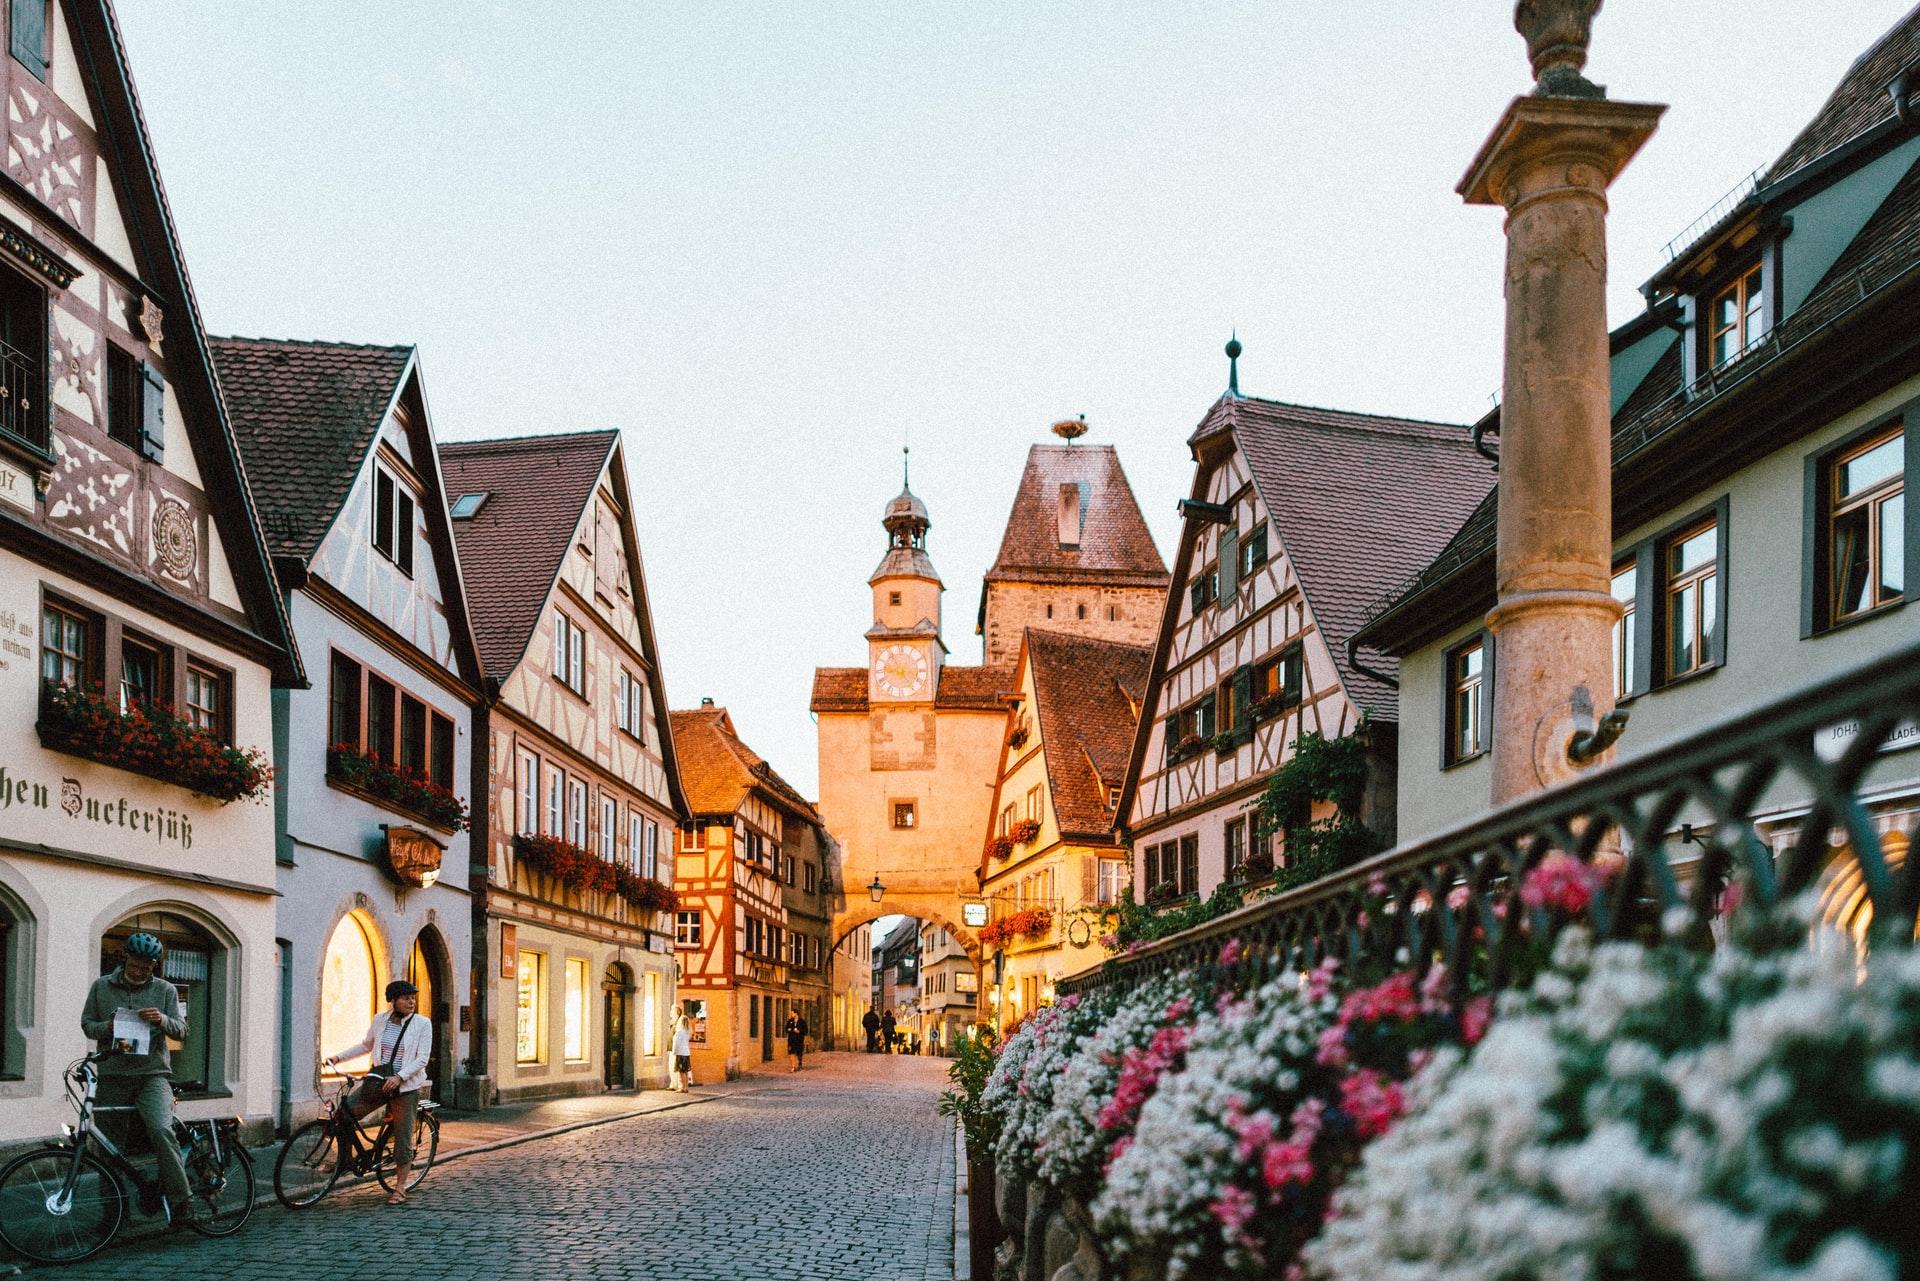 TESTE: Estes fatos sobre a Alemanha são verdadeiros ou falsos?